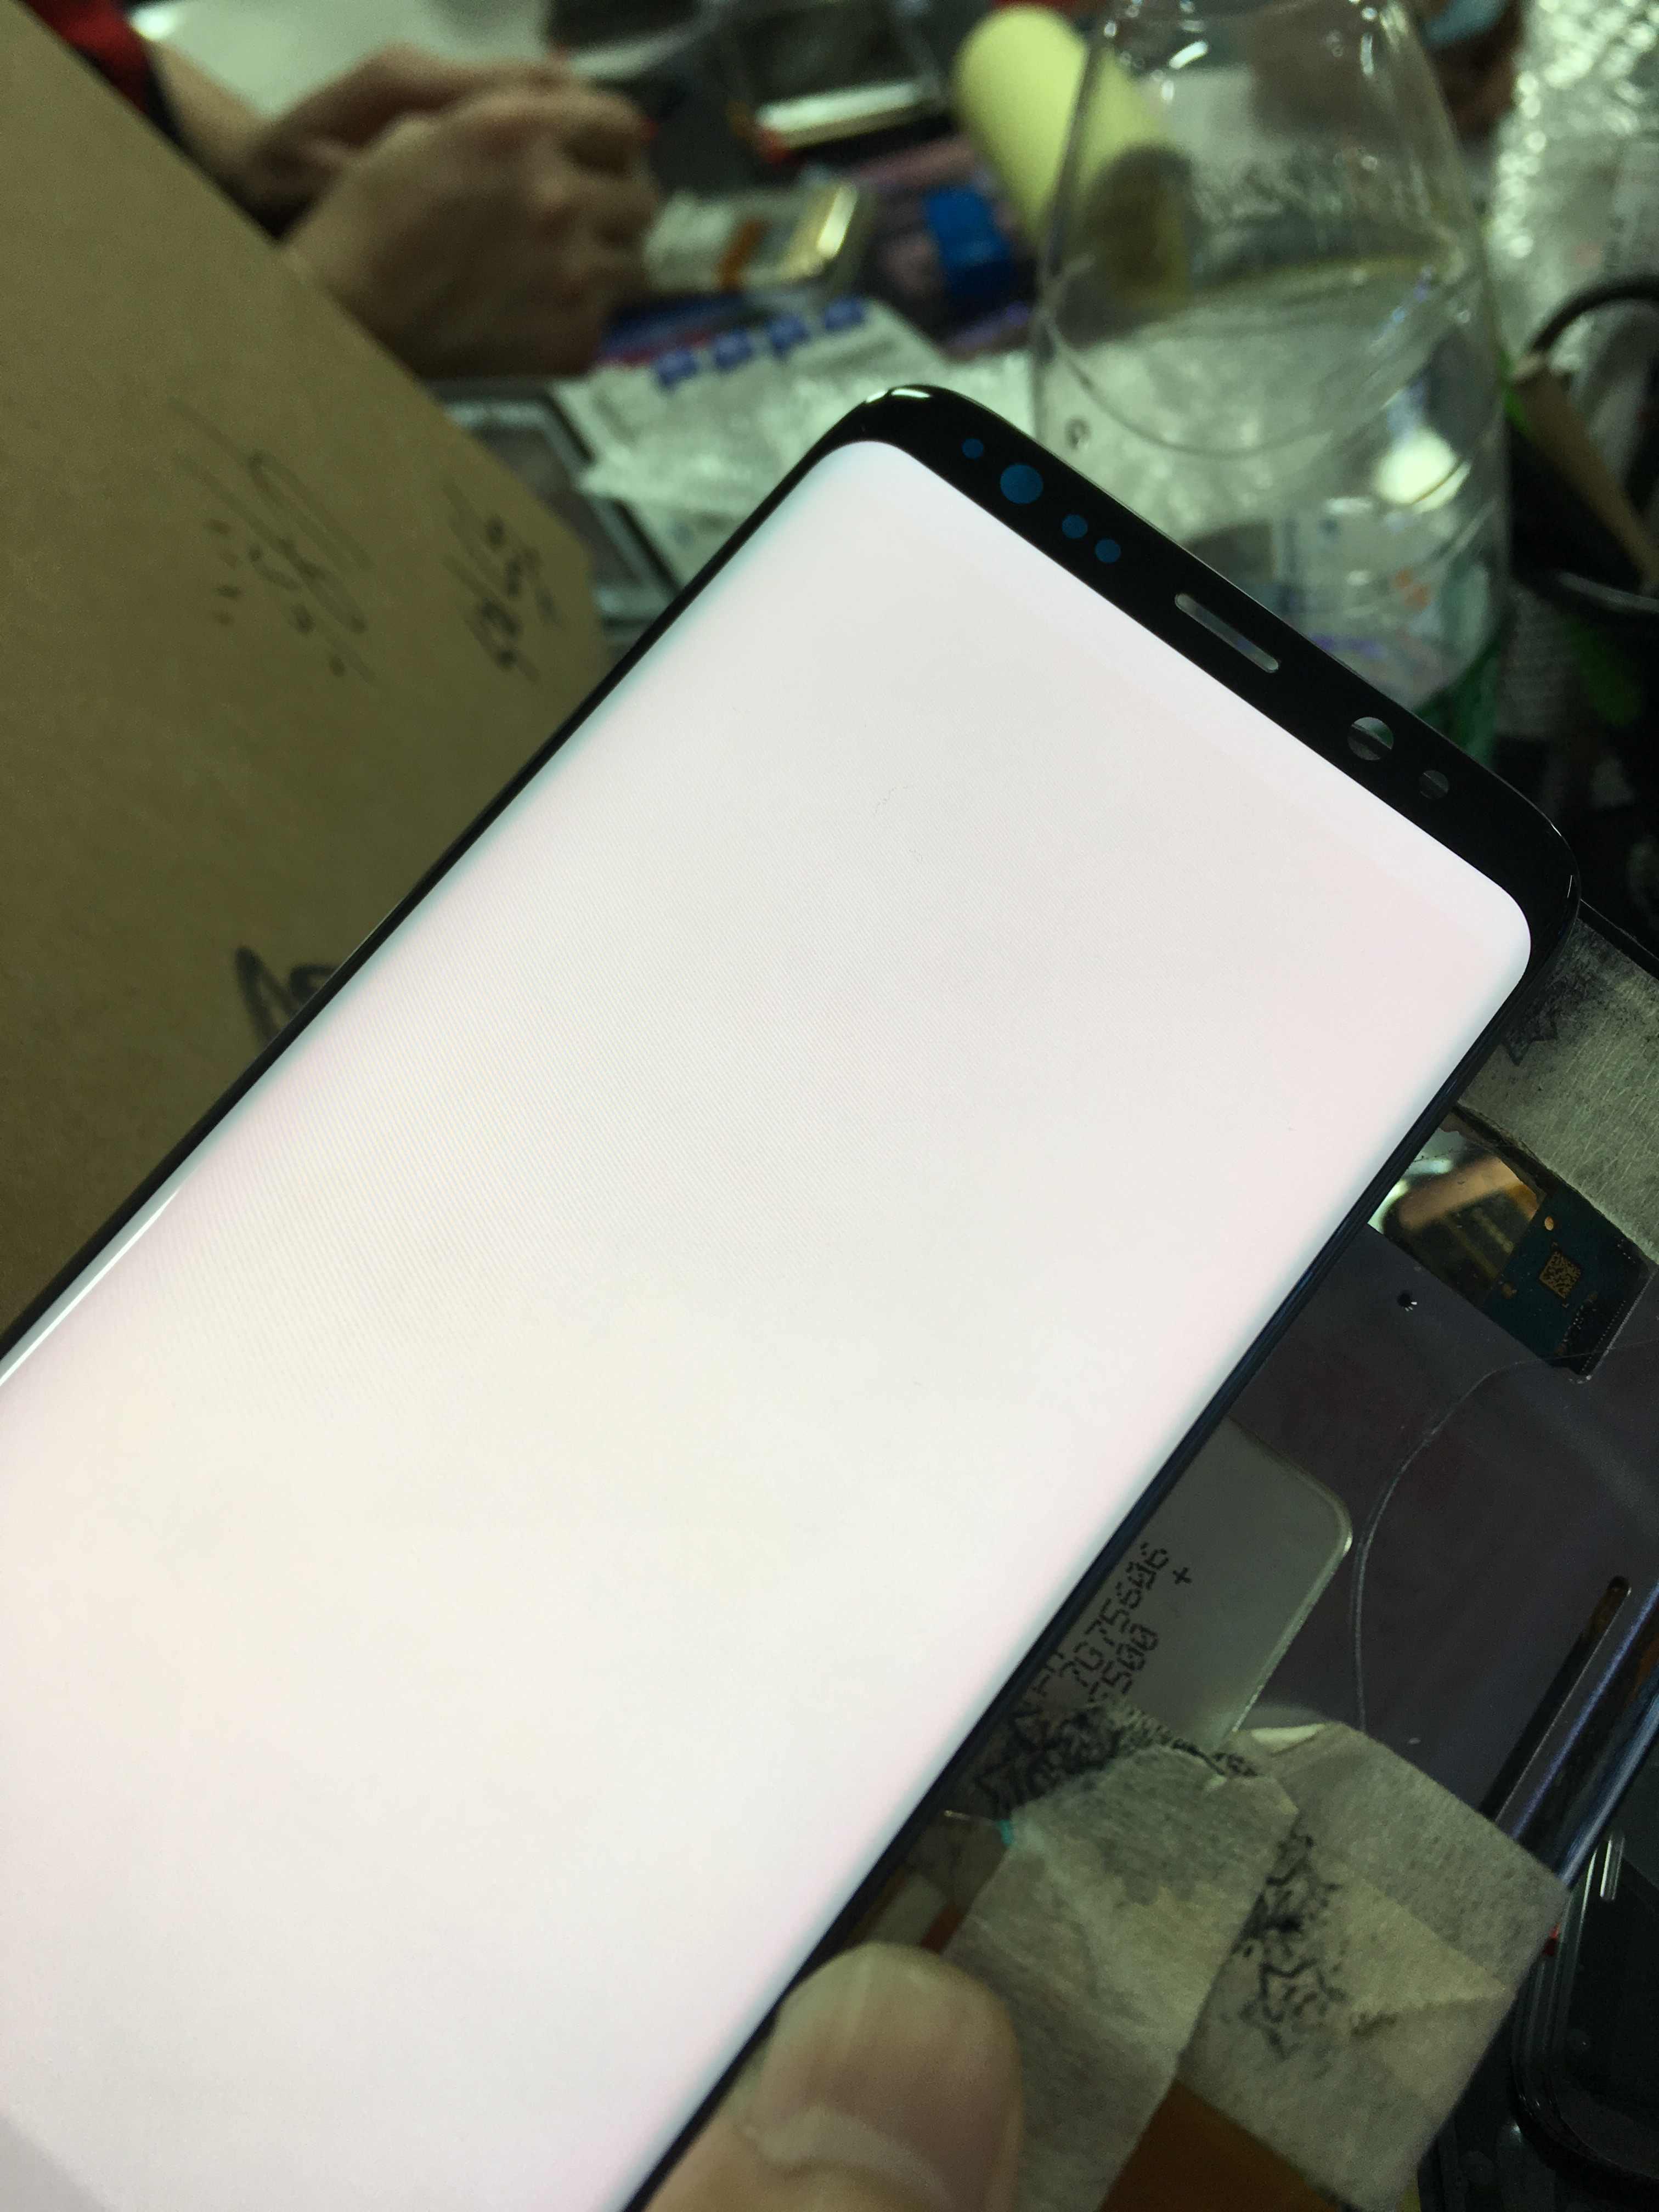 100% اختبار Spuer AMOLED شاشات LCD لسامسونج S8 زائد G955F شاشات LCD لسامسونج S8 G950F LCD شاشة مجموعة رقمنة اللمس مع الإطار